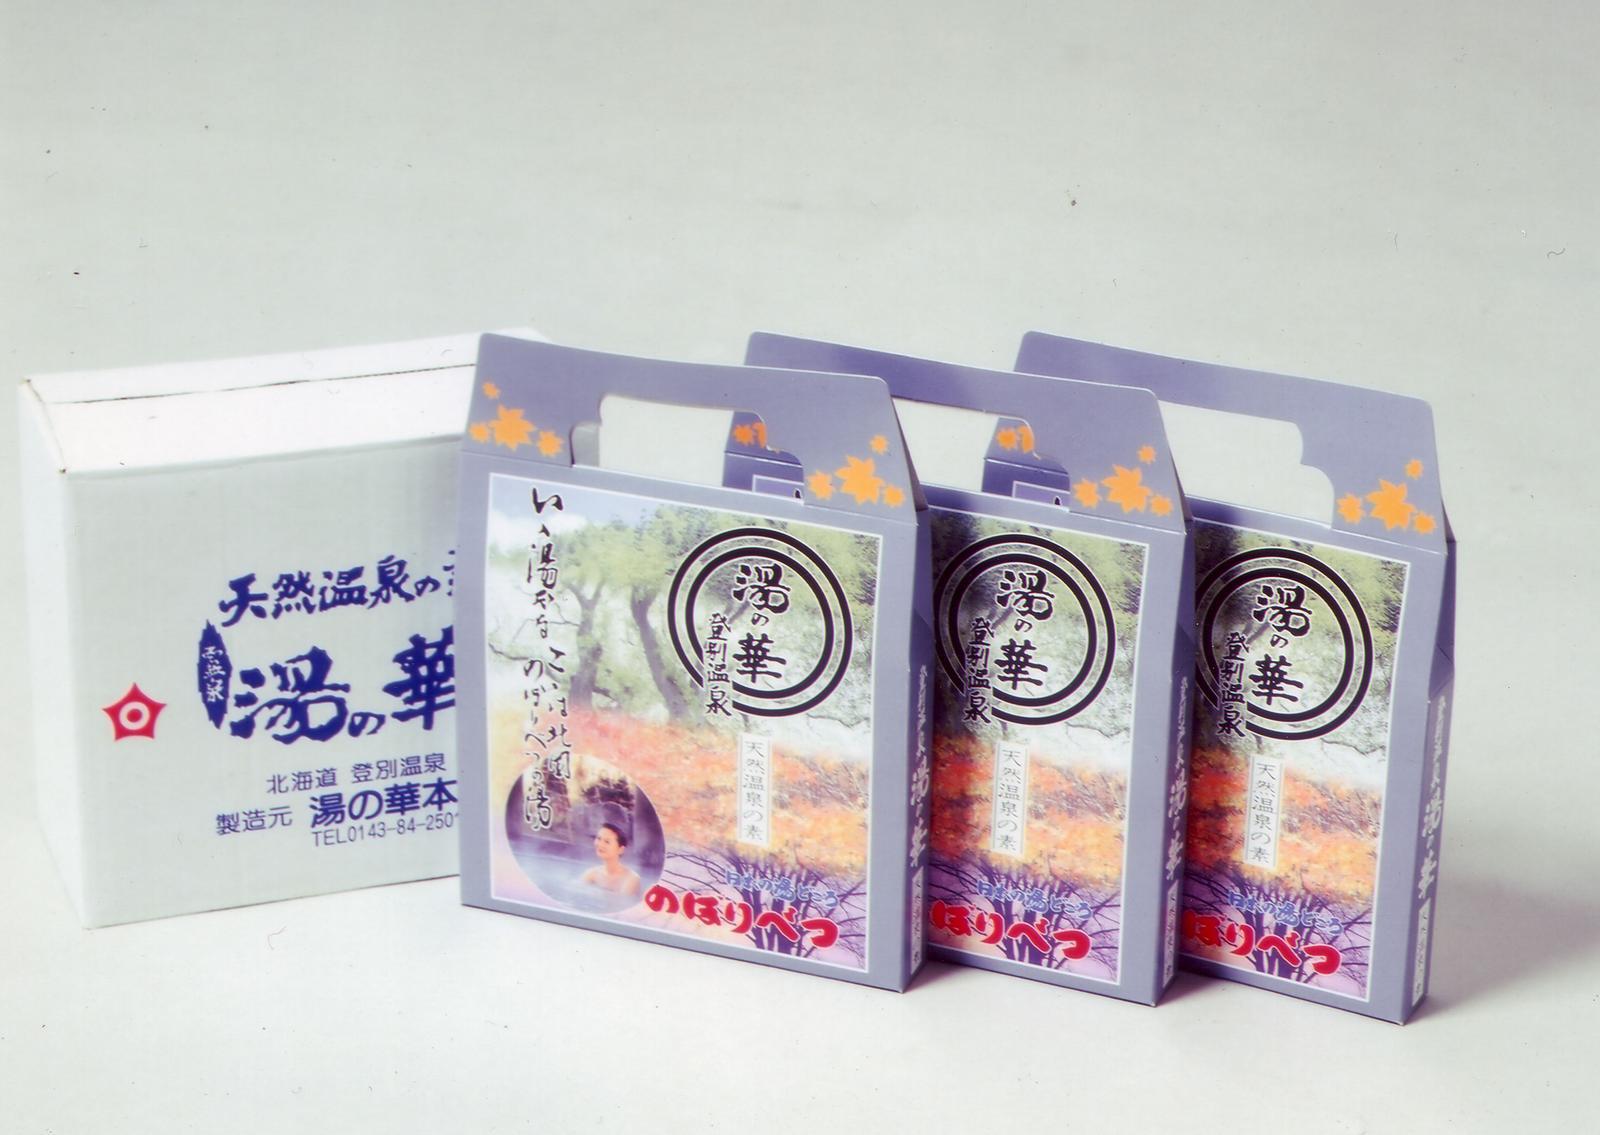 いい湯だな♪北海道登別温泉大湯沼産 湯の花 24パック入り3箱【送料無料】